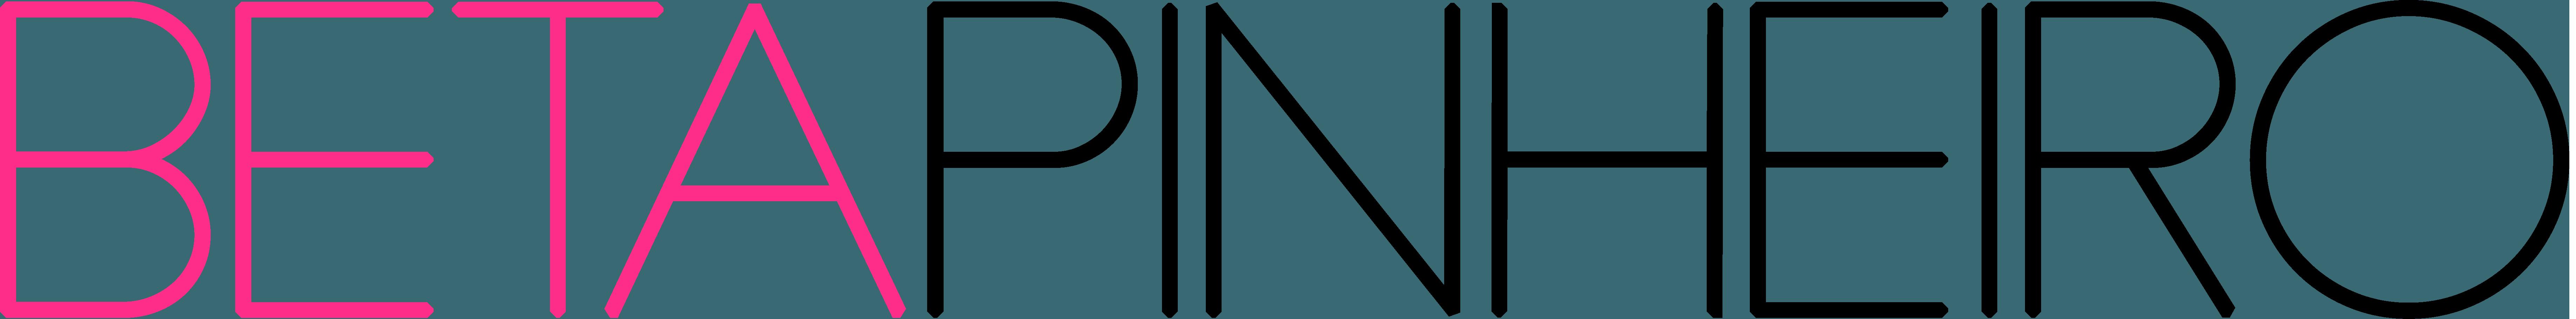 Logotipo Beta Pinheiro